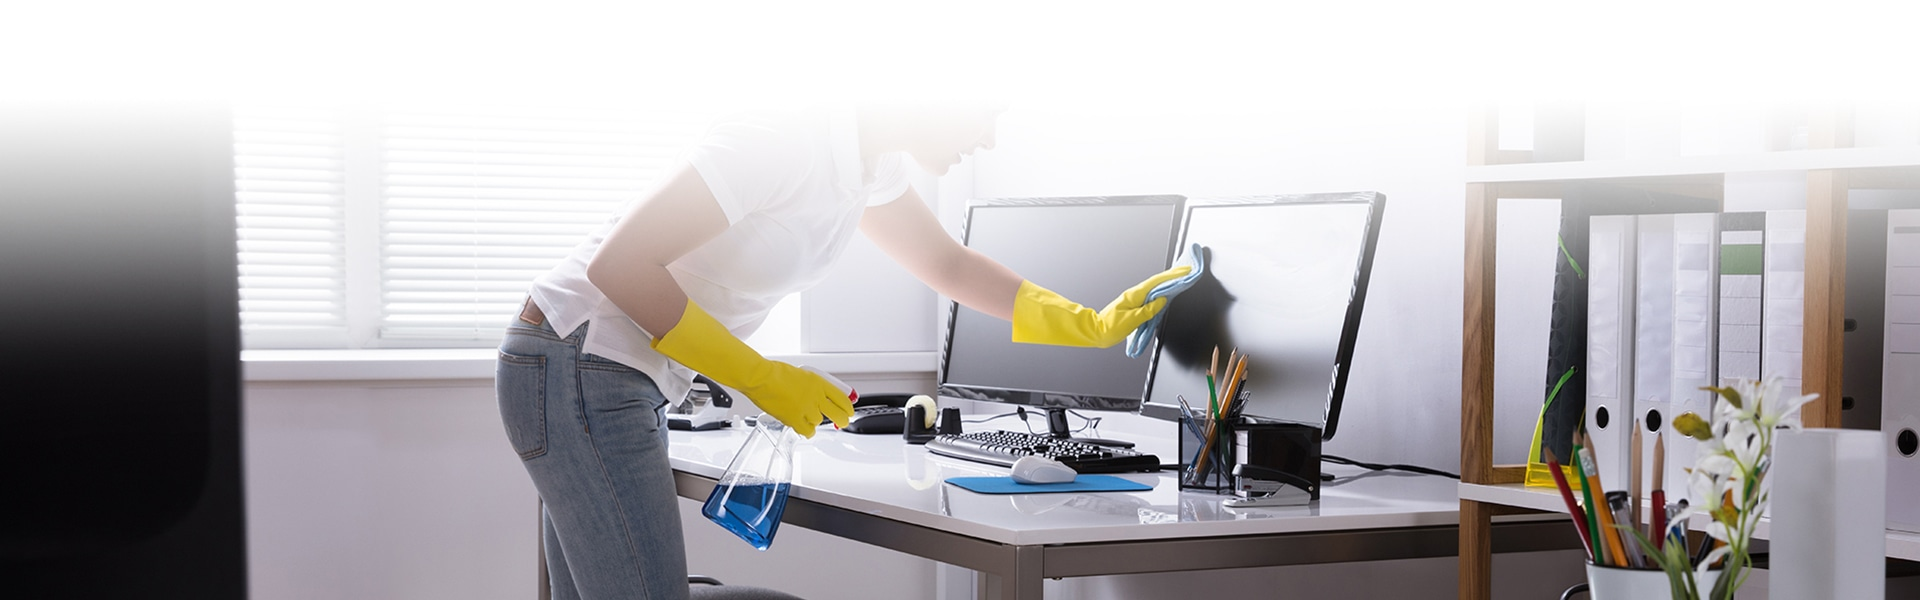 Firma Zschunke GmbH reinigt ihre Büroräume